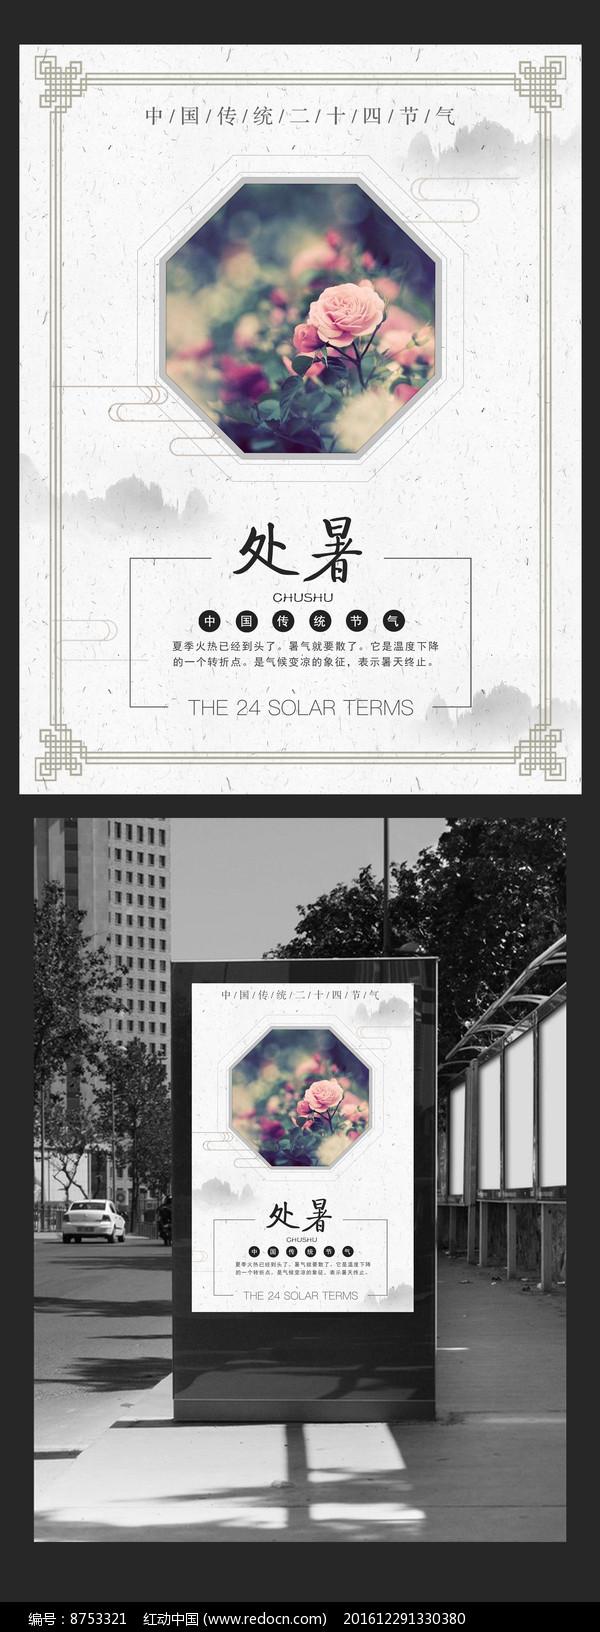 处暑节气海报专辑 当前  请您分享: 素材描述:红动网提供海报设计精品图片